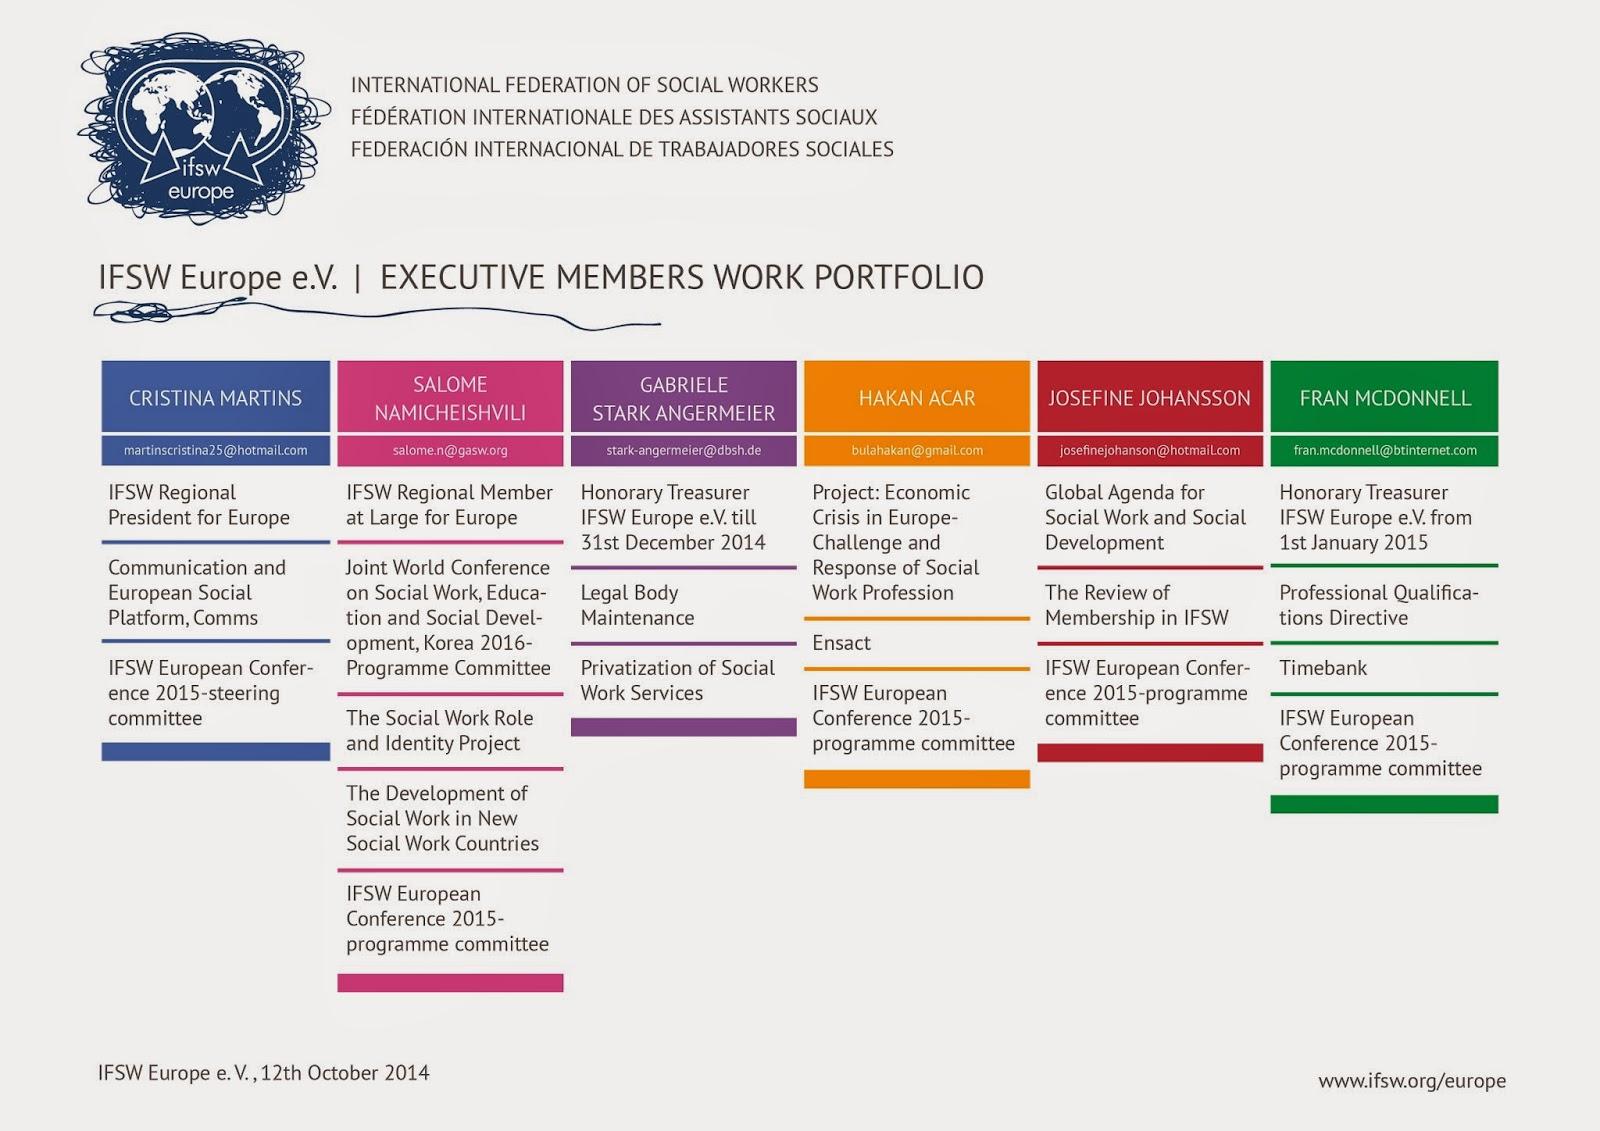 ifsweurope ifsw europe key documents executive members work ifsw europe key documents executive members work portfolio connecting members project